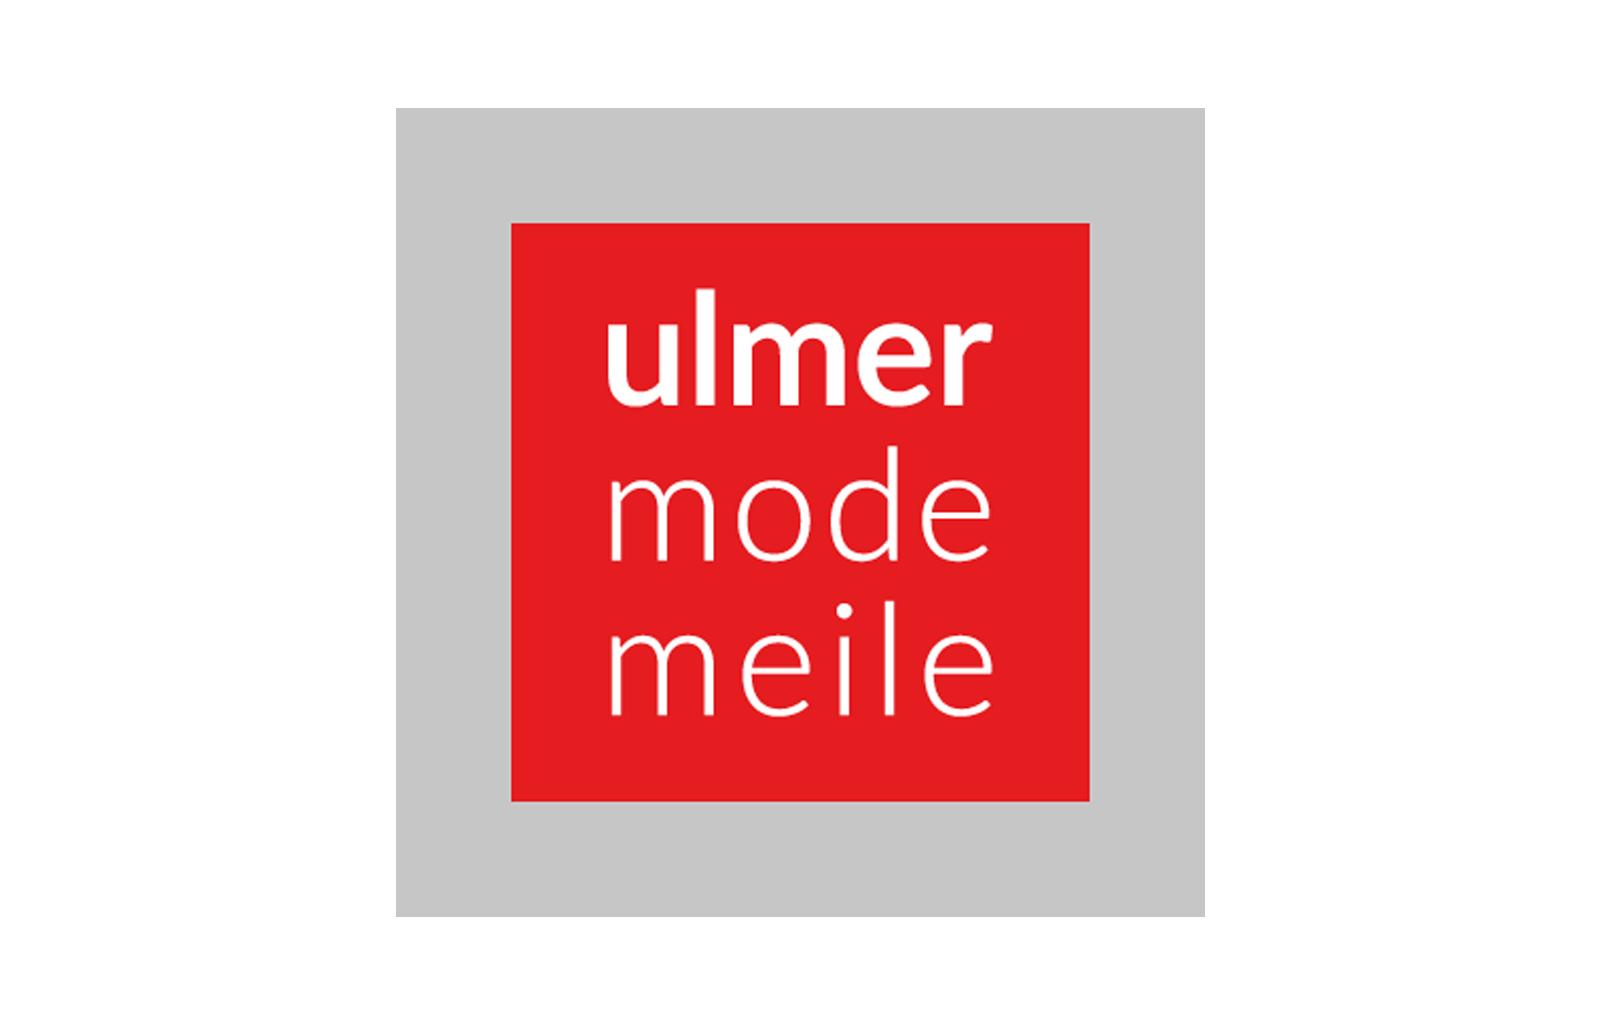 ulmer_logo